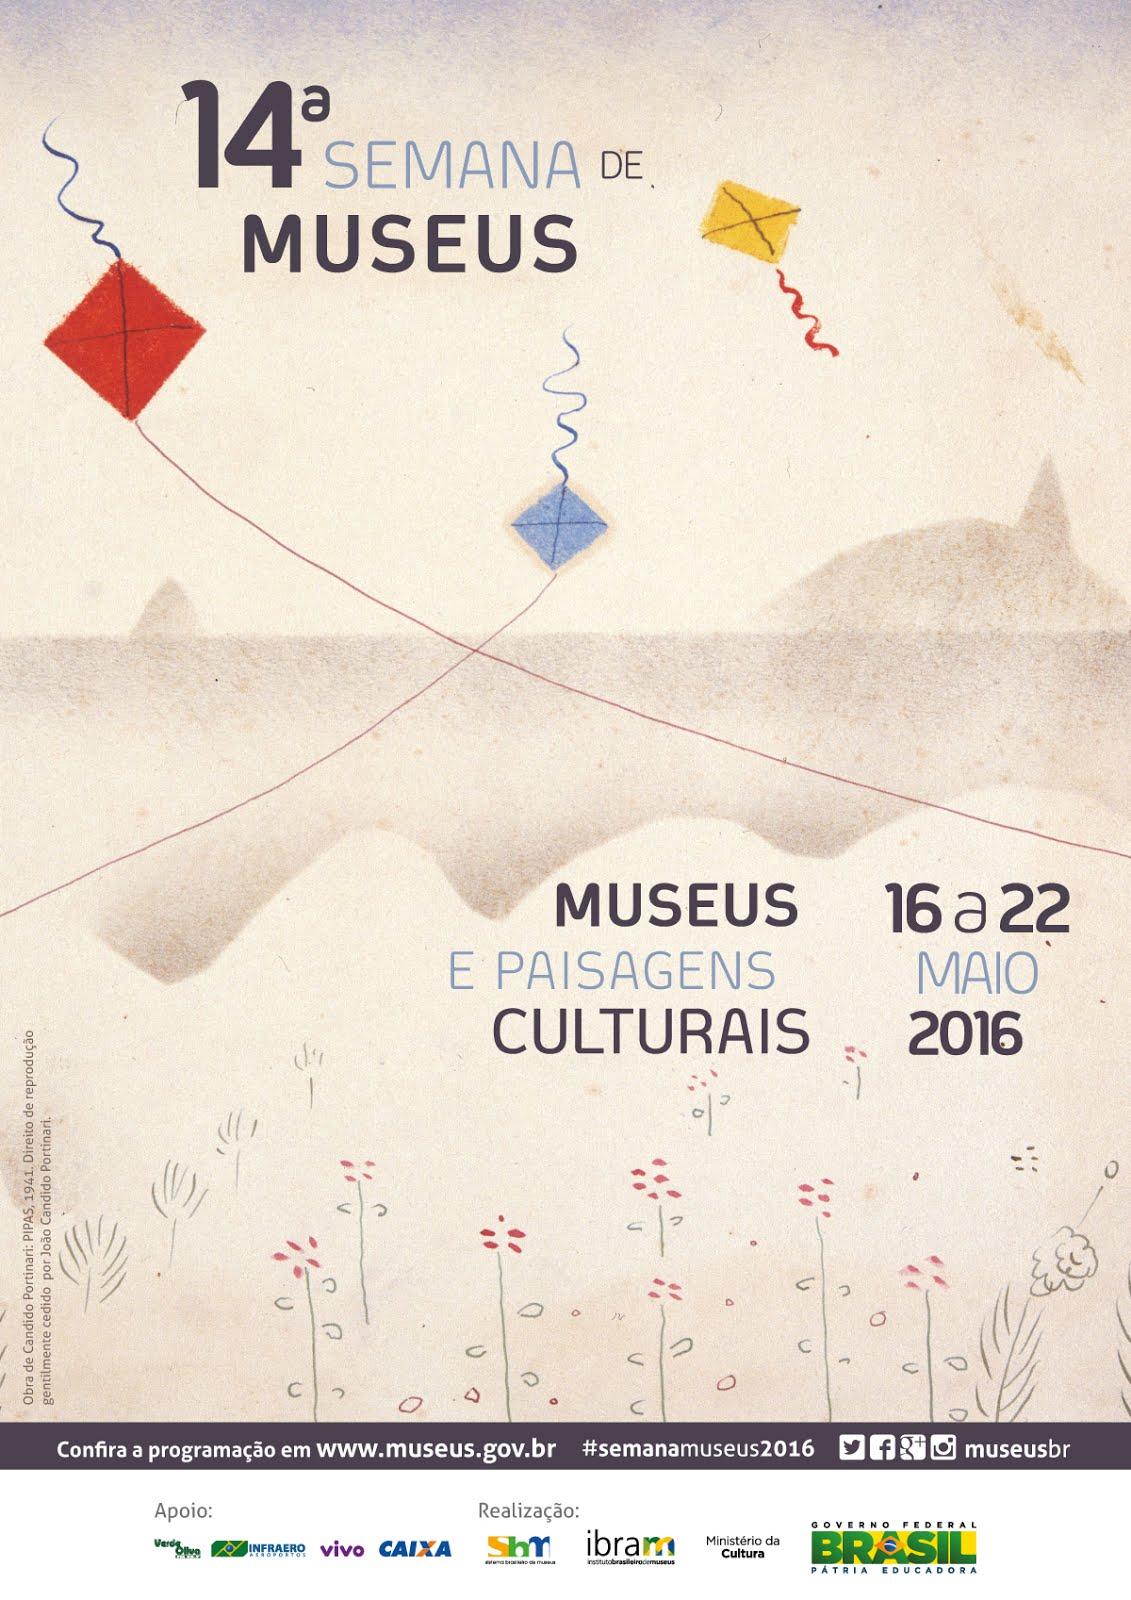 PARTICIPE DA 14ª SEMANA DE MUSEUS